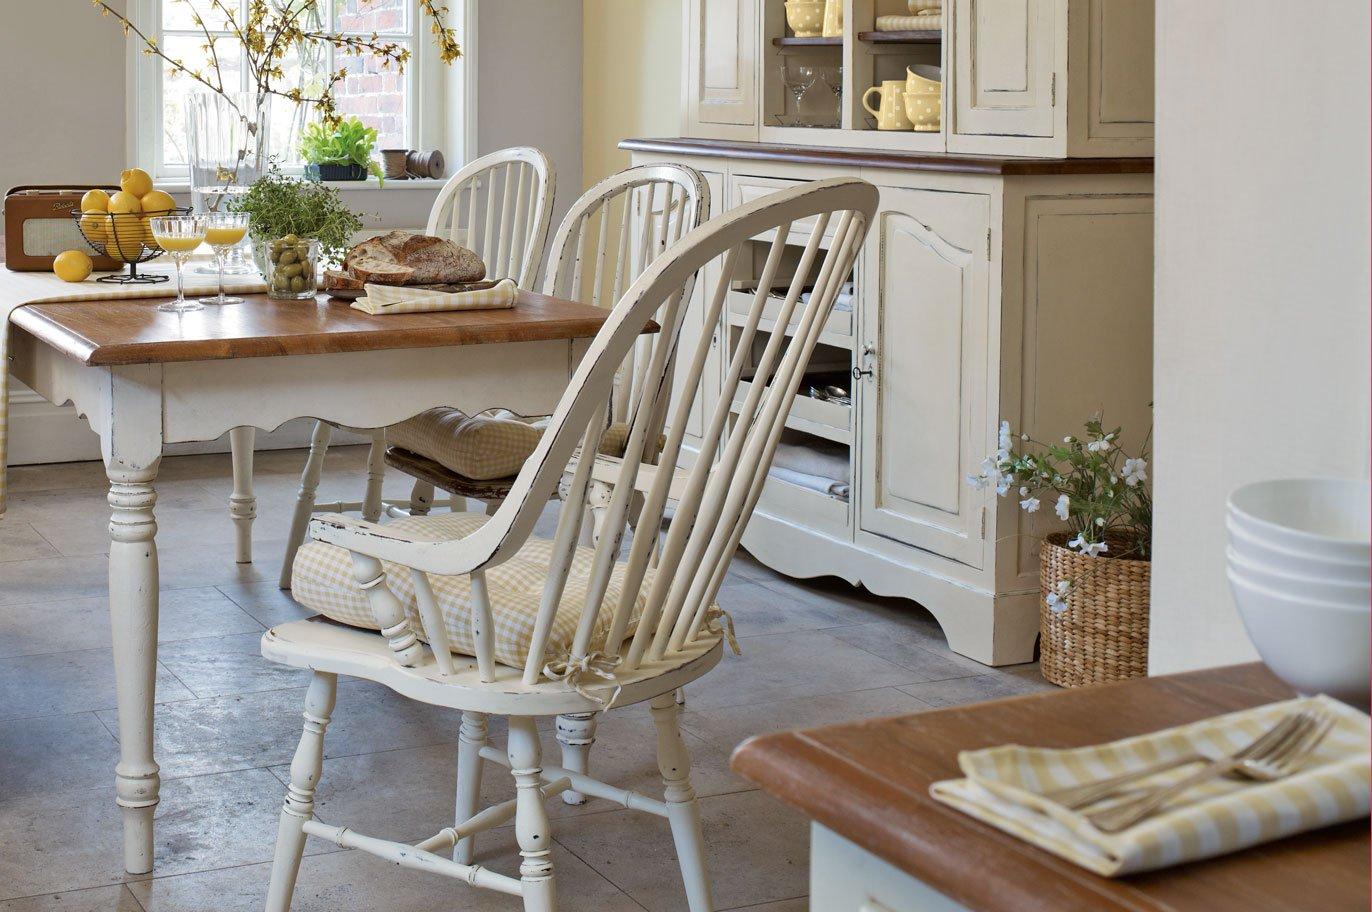 Muebles para una cocina de estilo ingl s decoraci n del for Decoracion estilo ingles